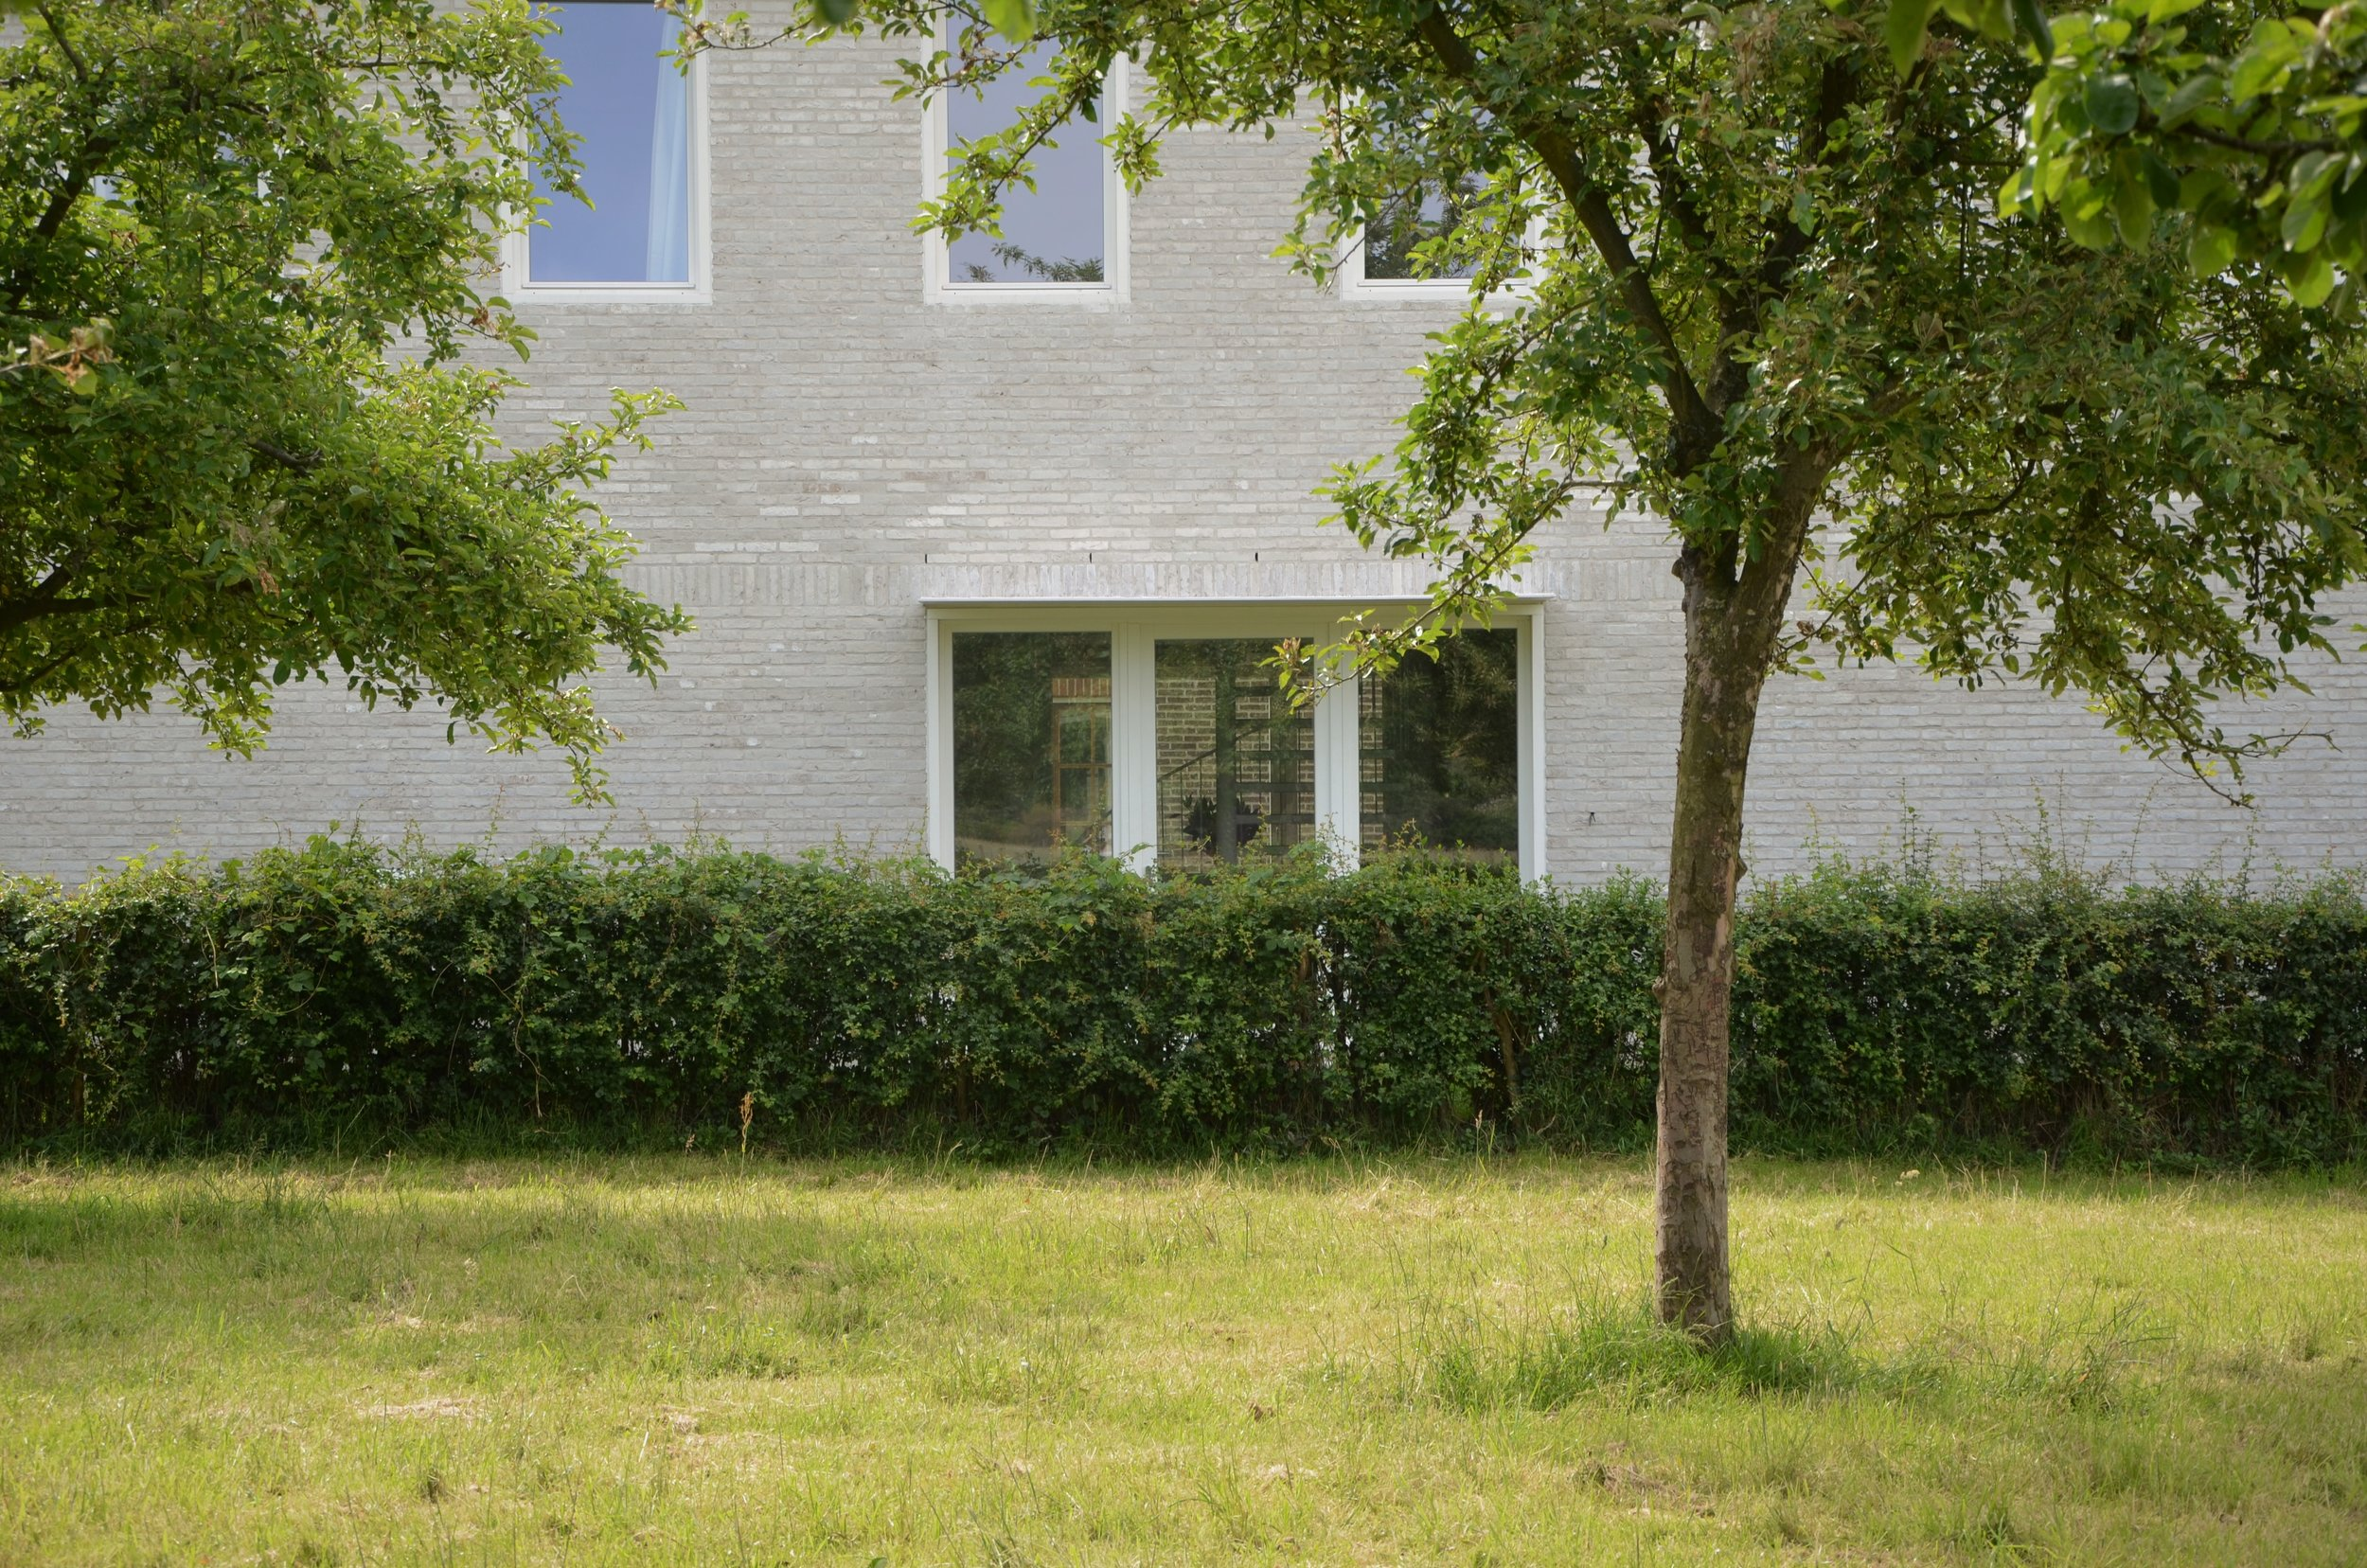 DHOOGEMEGANCK ARCHITECTEN_OUR HOUSE-D&M-04 (2).JPG